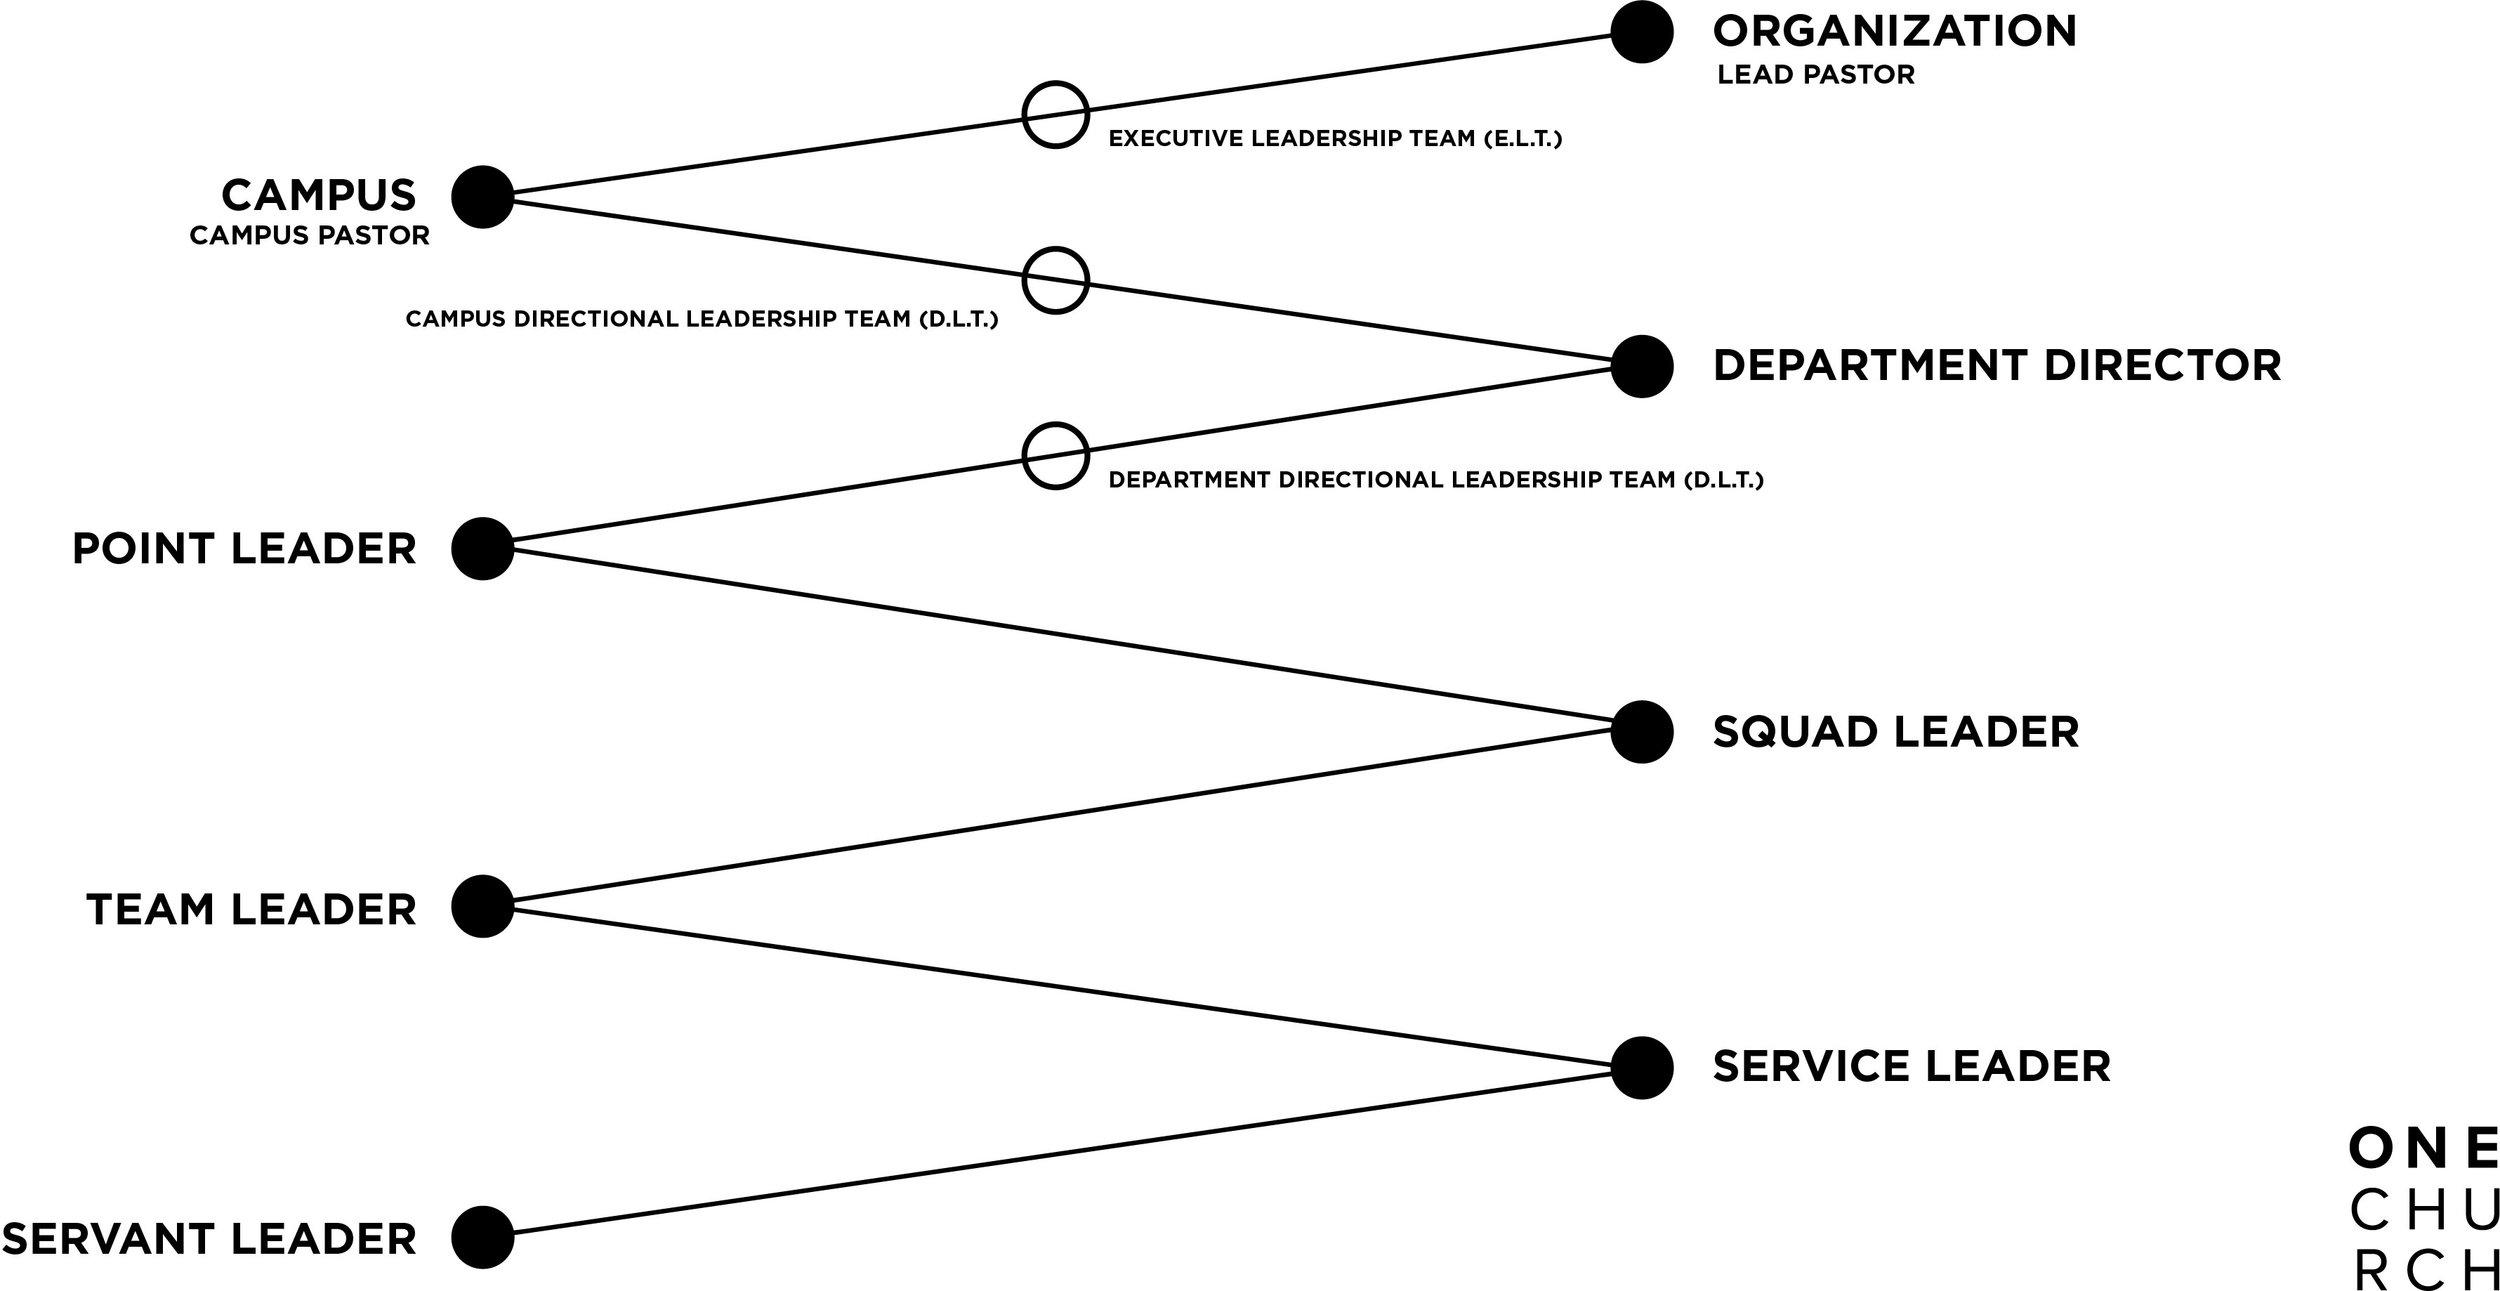 FInal Leadership Pipeline Diagram.jpg